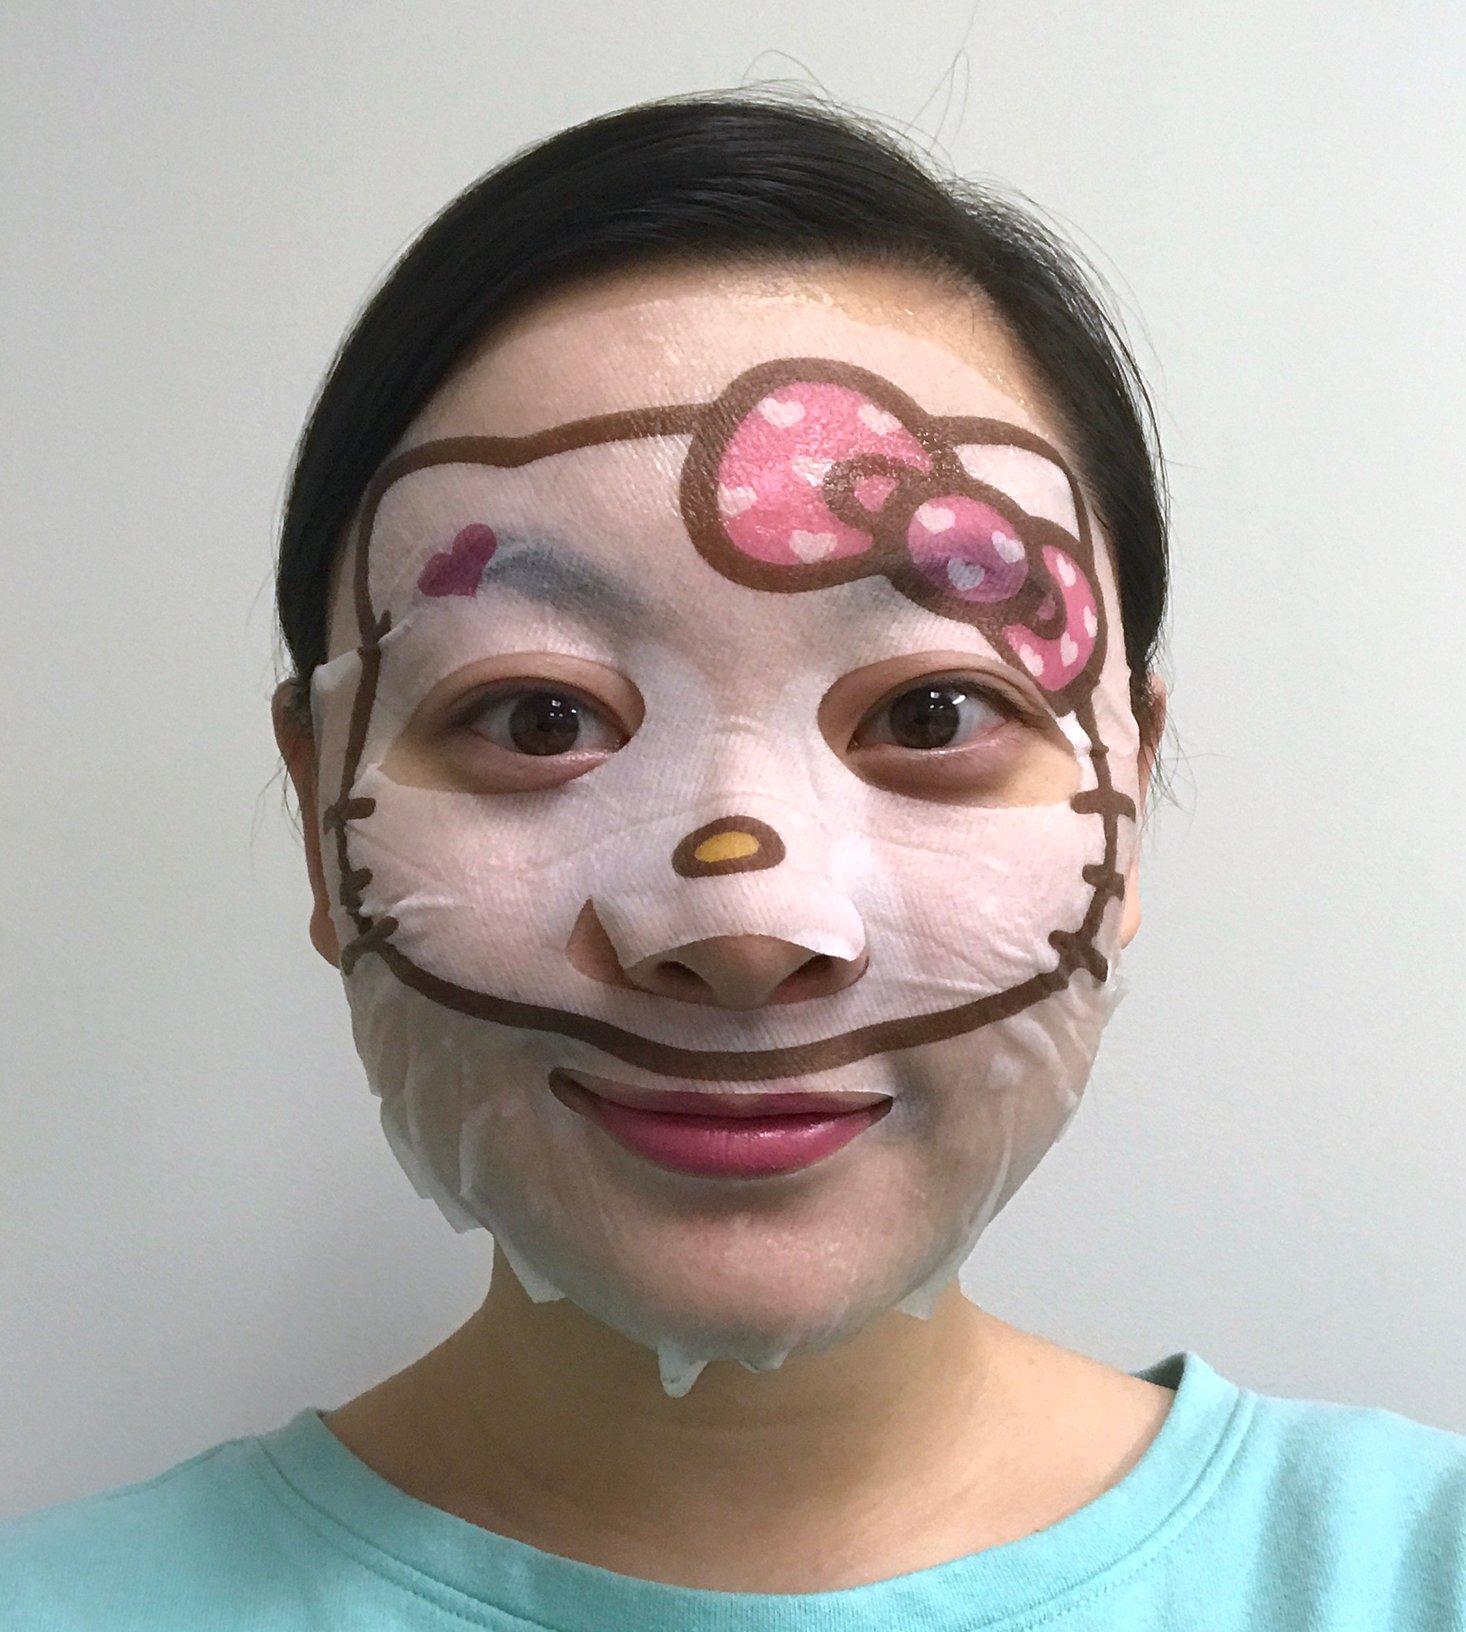 Memebox-Me-To-Me-February-2017-Hello-Kitty-Mask-Closeup